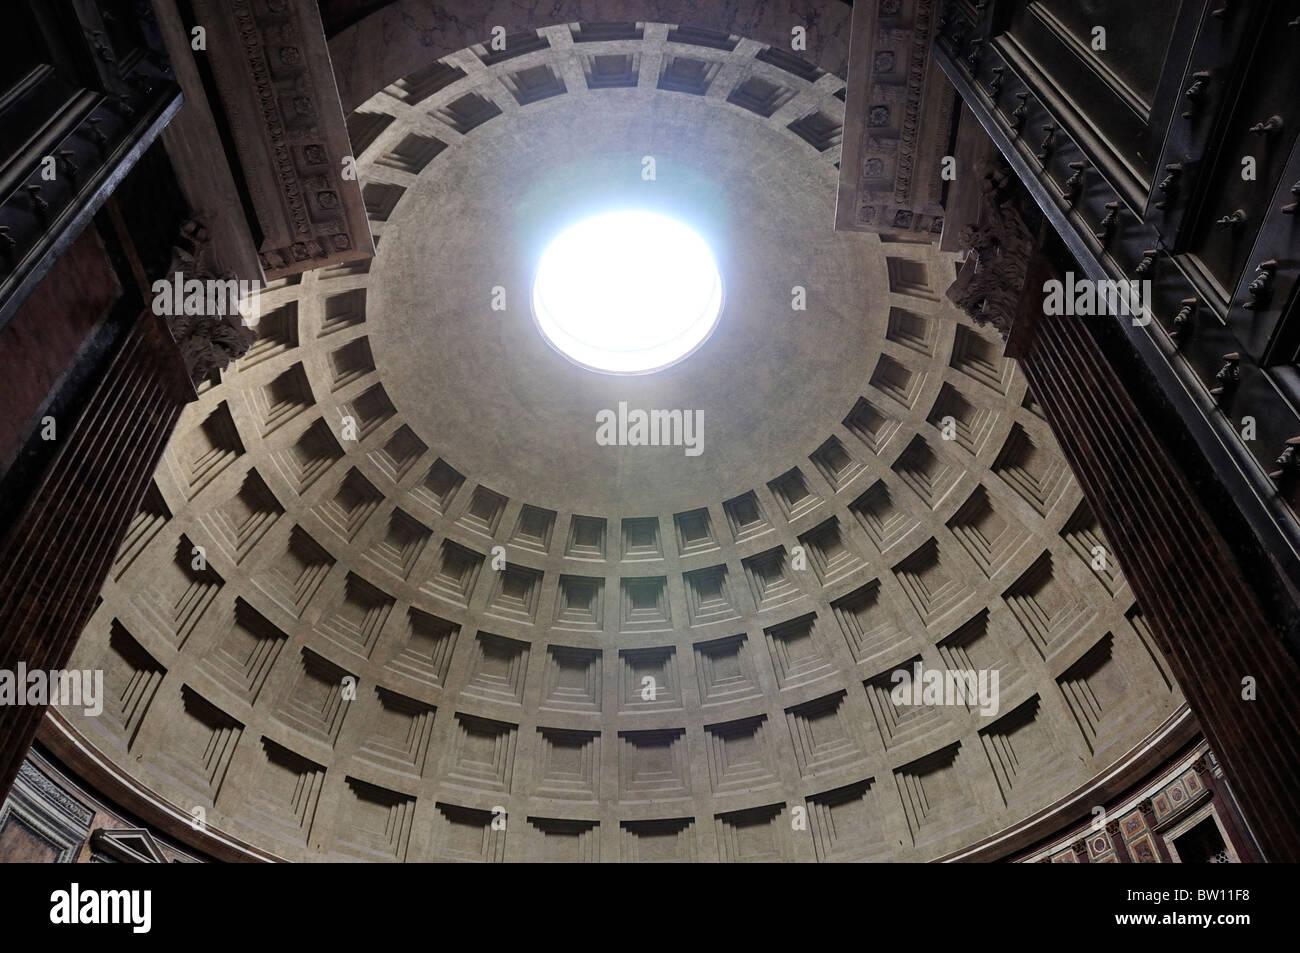 El Panteón, la cúpula y el Oculus del umbral Foto de stock